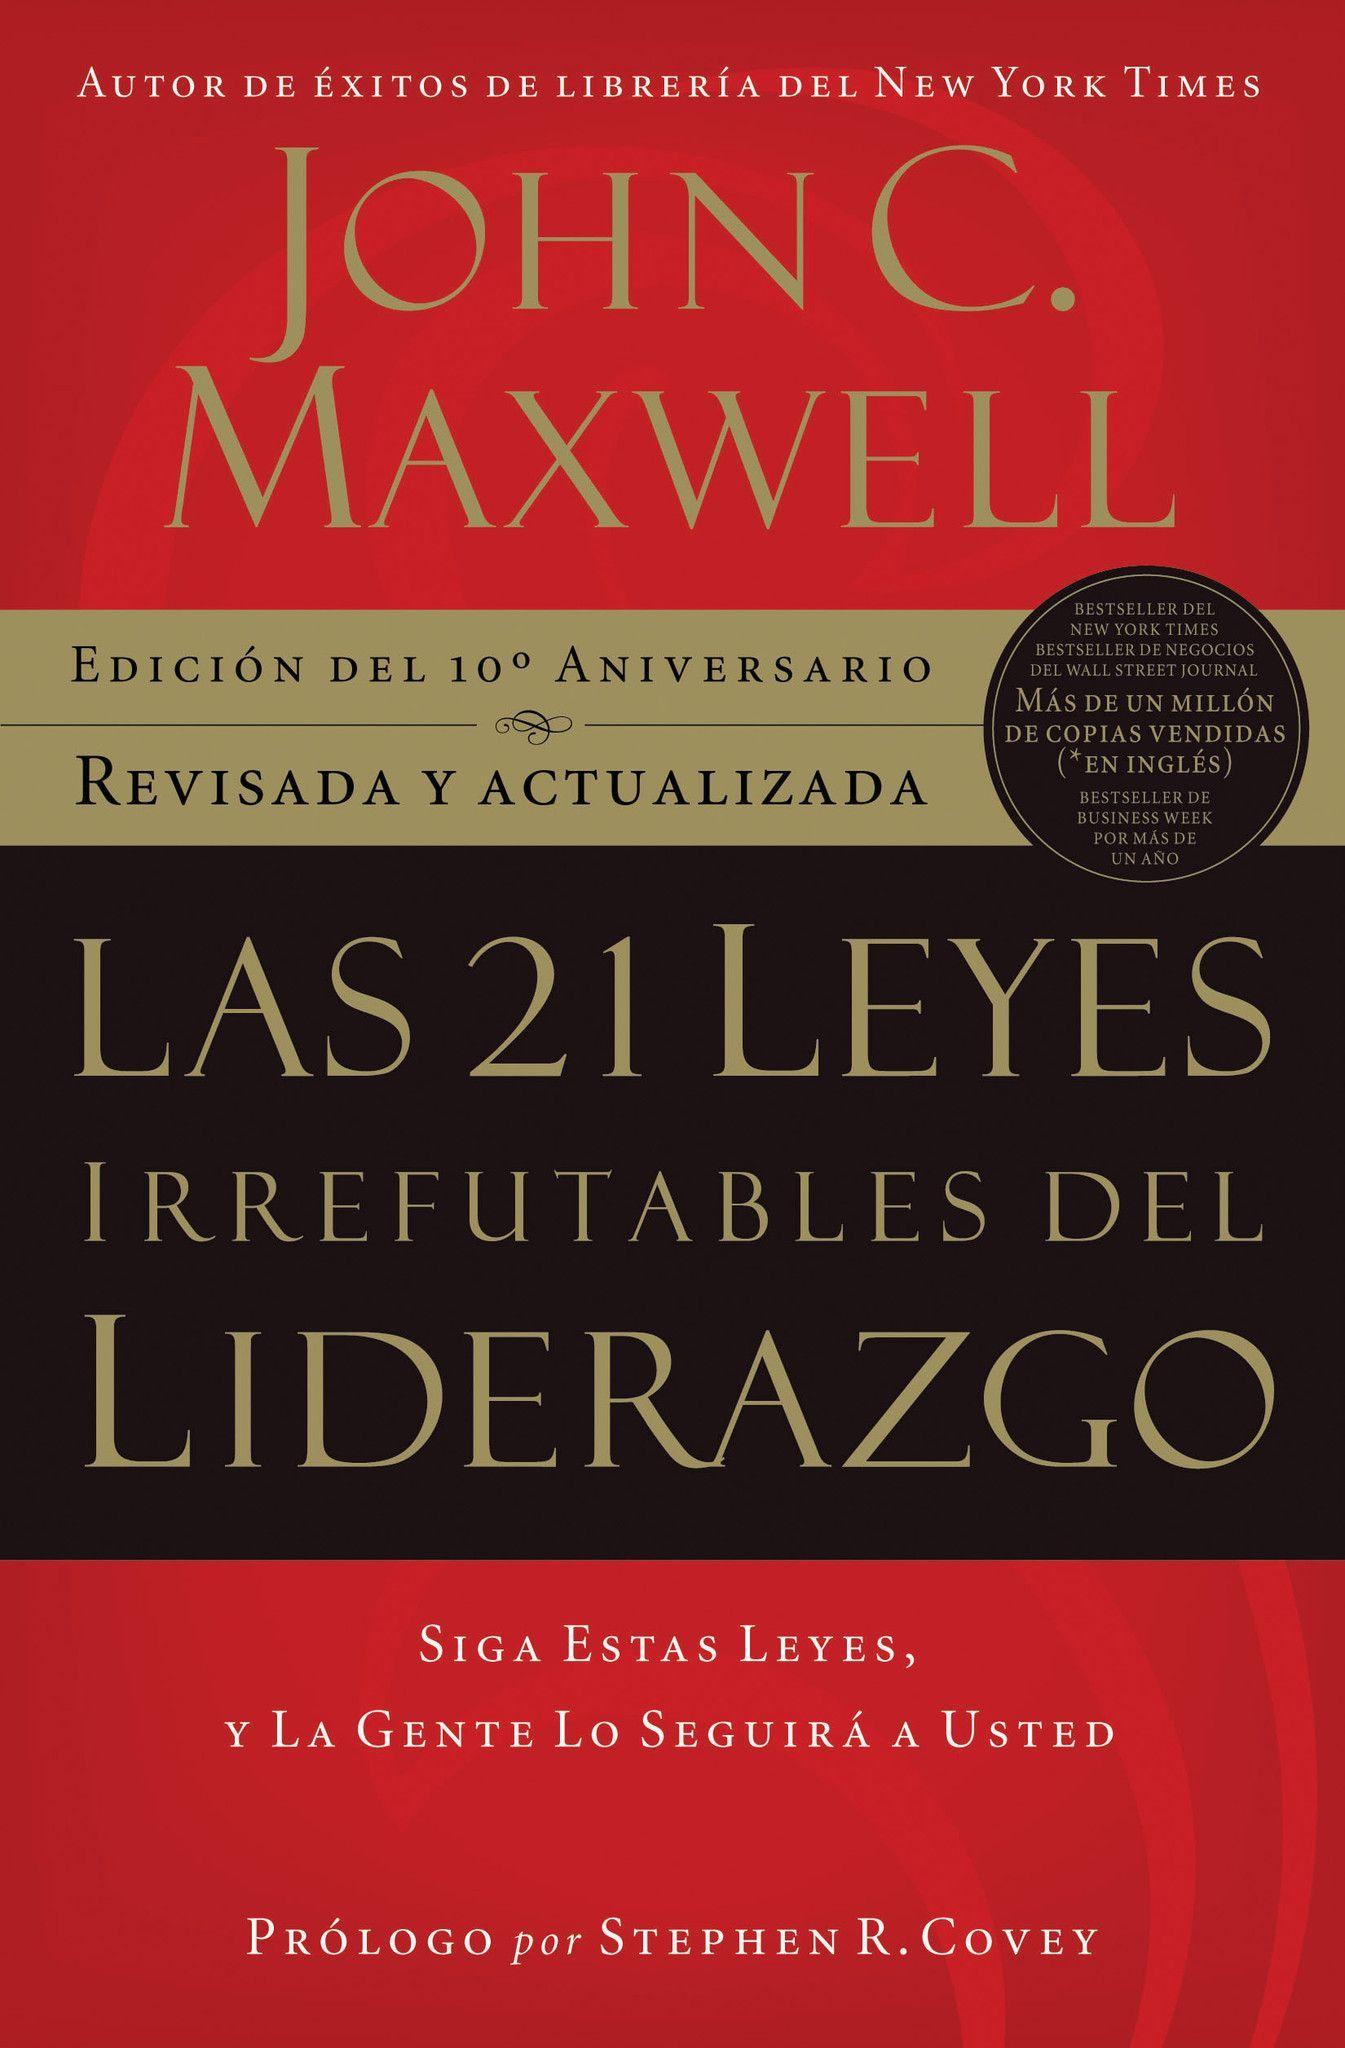 Las 21 Leyes Irrefutables Del Liderazgo John C Maxwell Libros Sobre Liderazgo Libros De Autoayuda Liderazgo